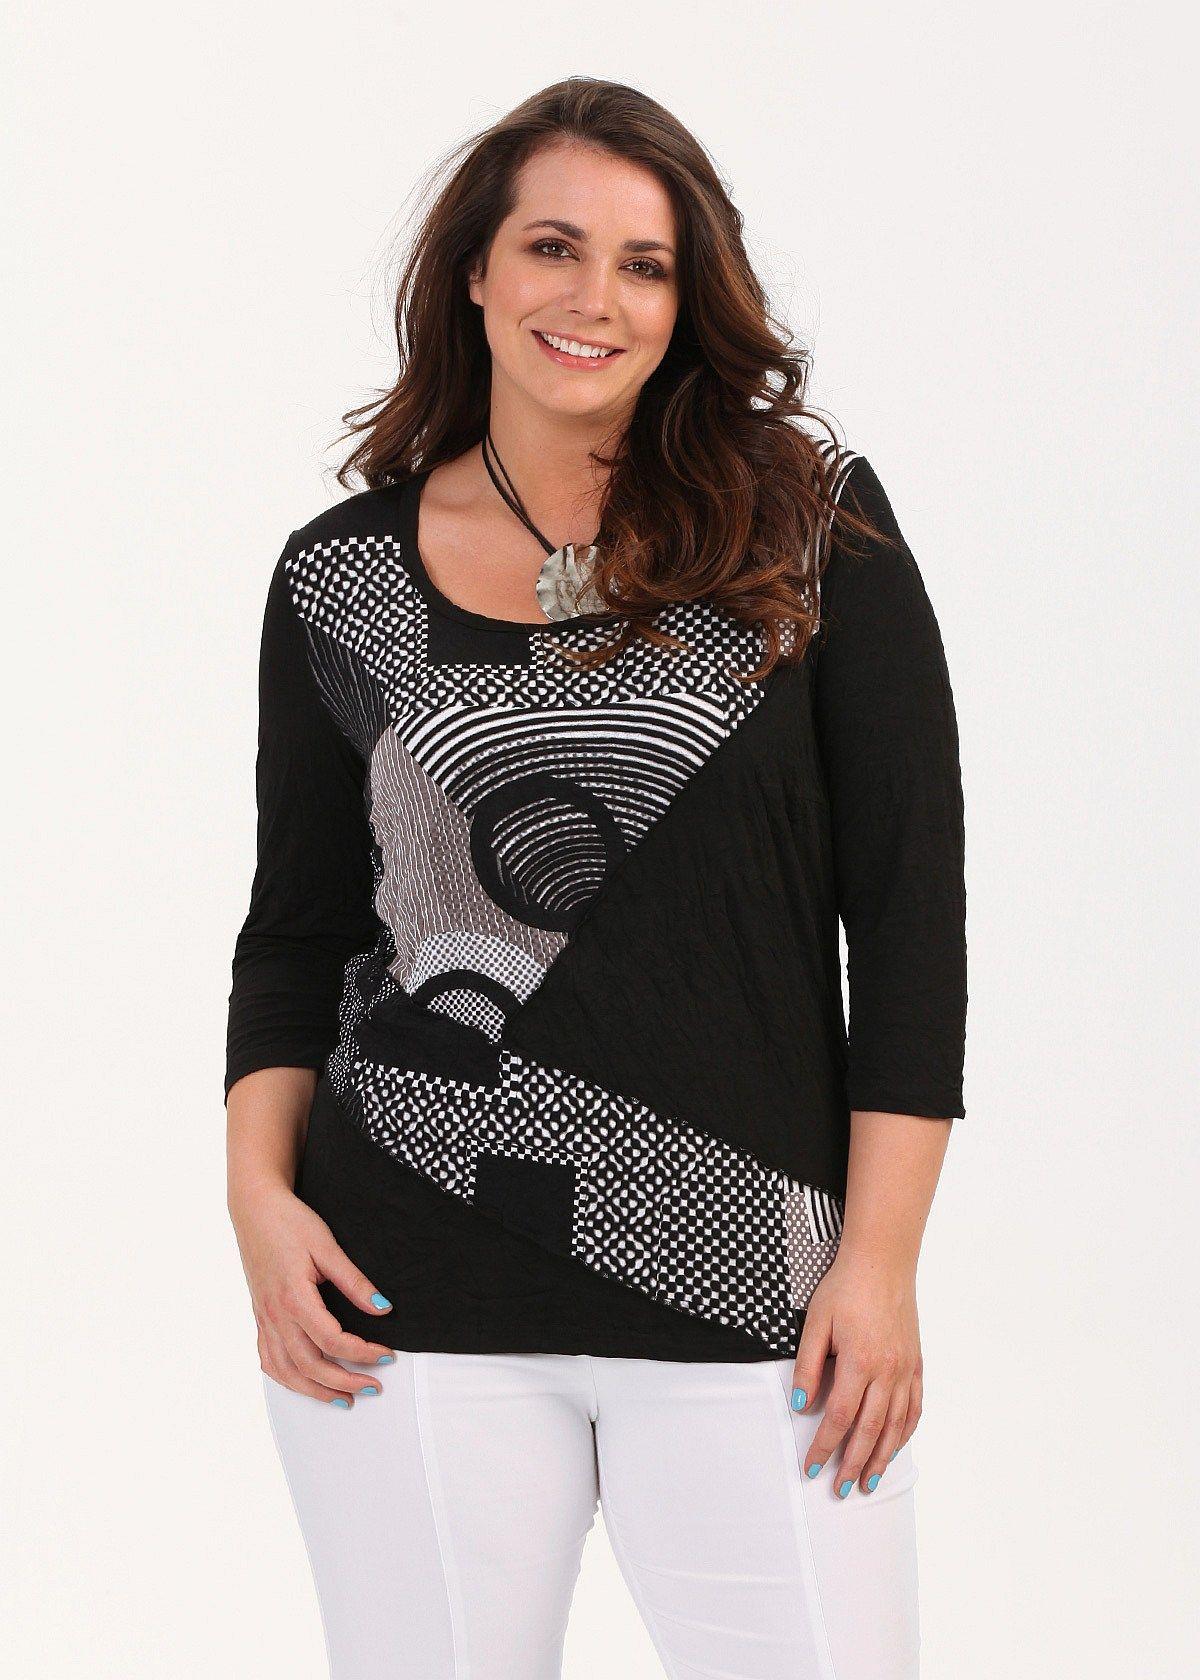 petite-plus-size-apparel-women-sania-mirza-hairy-armpit